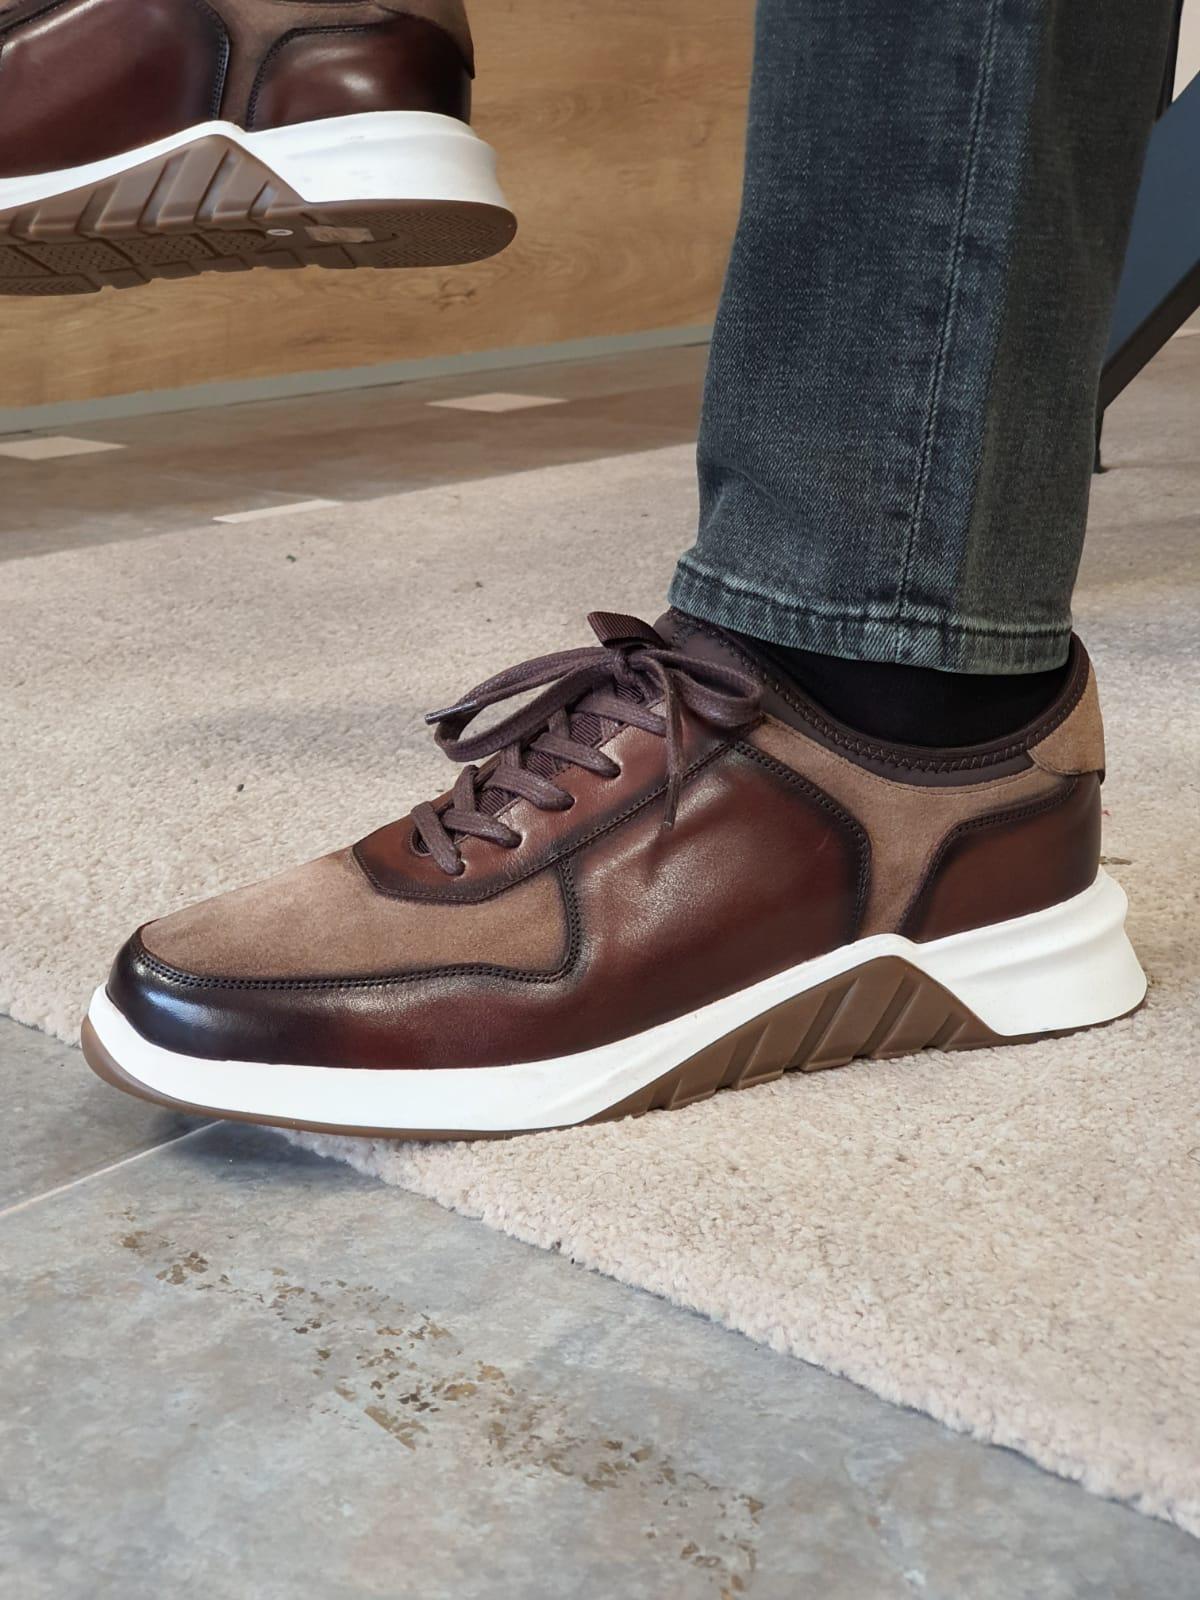 Aysoti Henderson Brown Low Top Sneakers